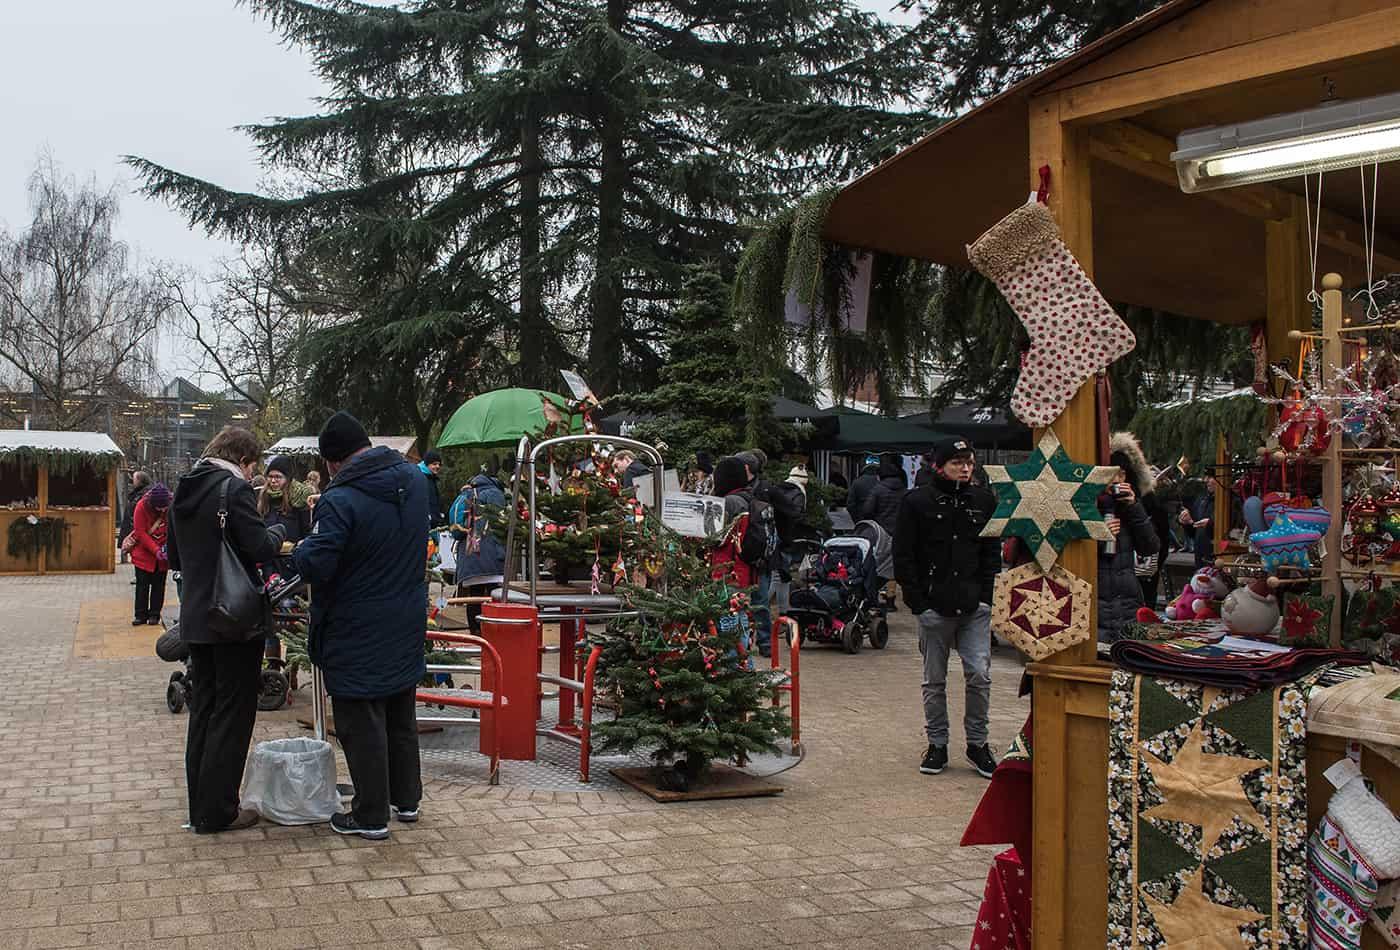 öffnungszeiten Weihnachtsmarkt Heidelberg.Weihnachtsmarkt Im Zoo Zoo Heidelberg Leben Live Erleben